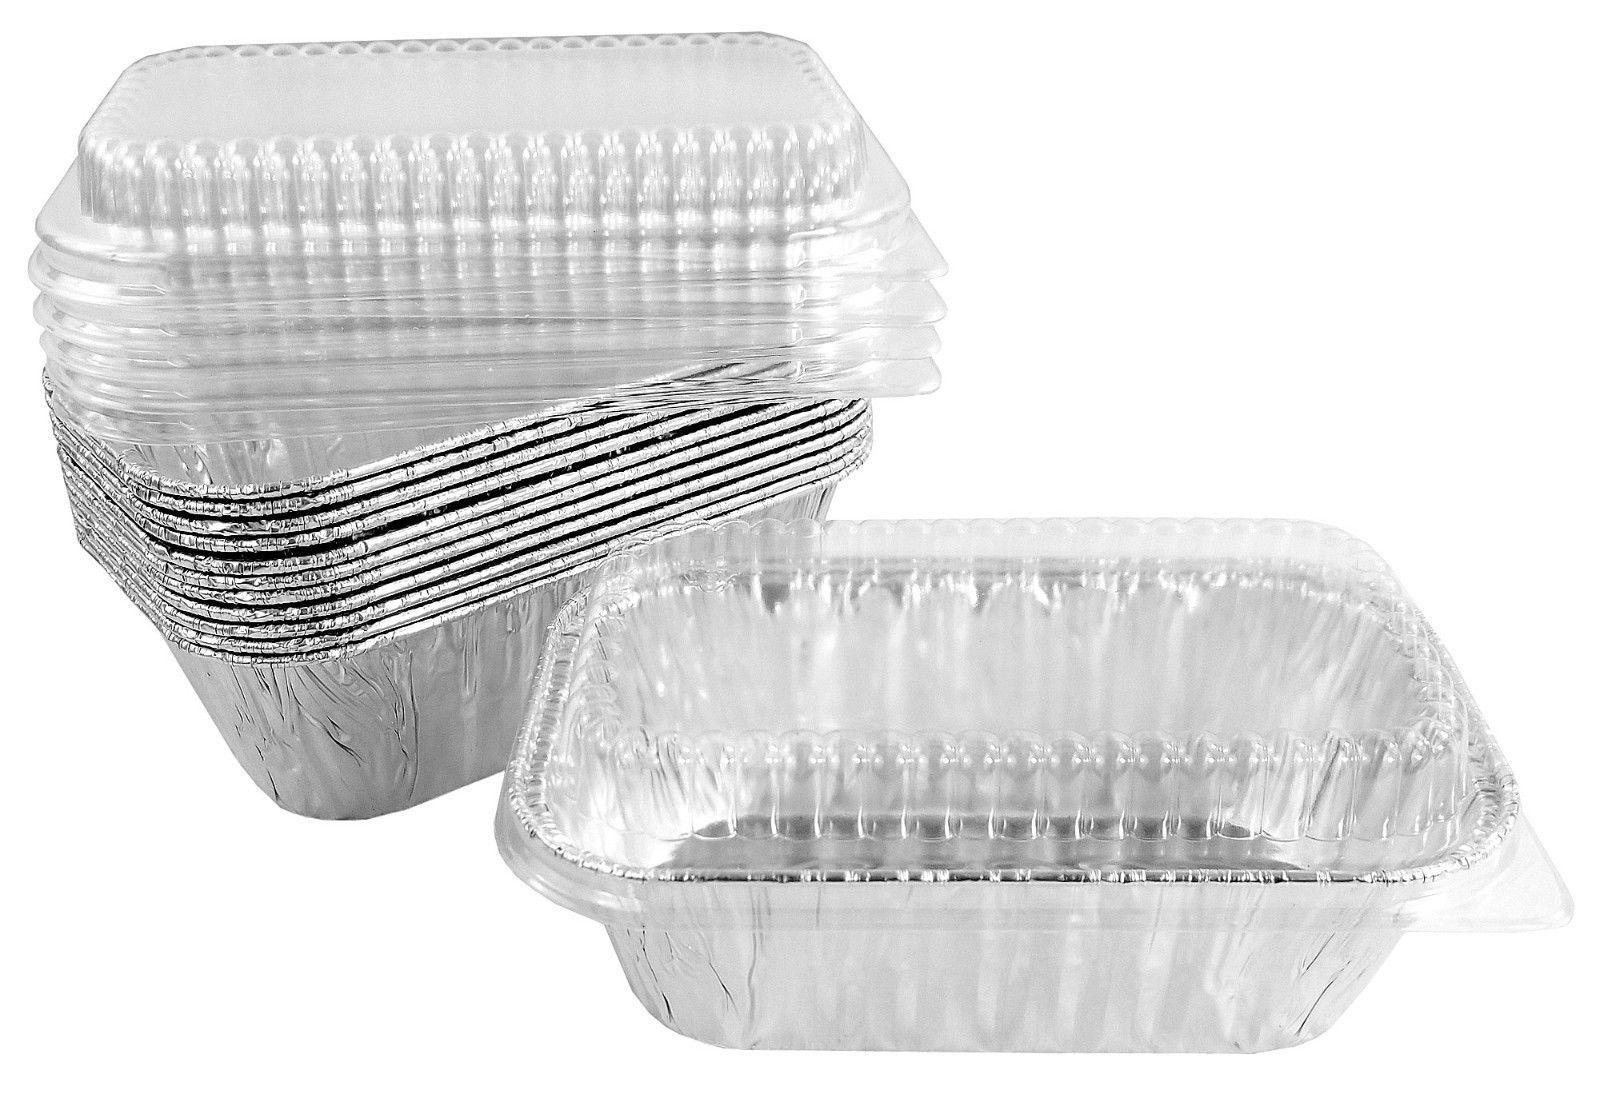 Details About Handi Foil 1 Lb Aluminum Foil Mini Loaf Bread